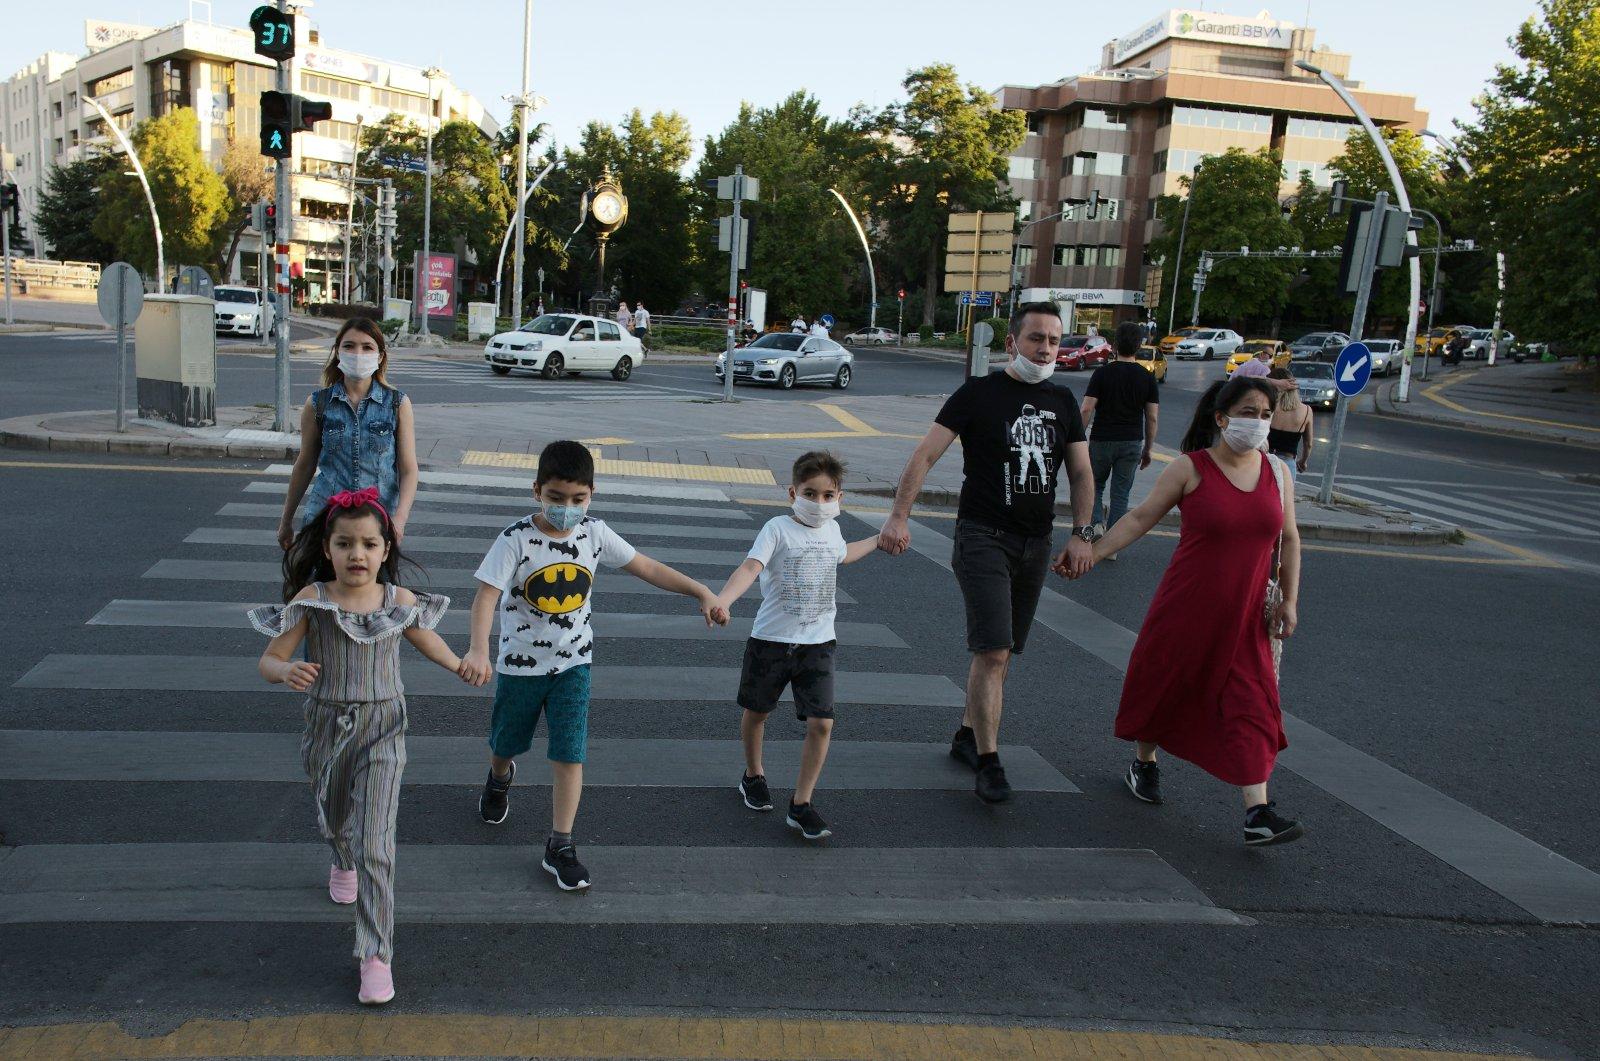 People wearing face masks cross a street in Ankara, Turkey, July 11, 2020. (AP Photo)